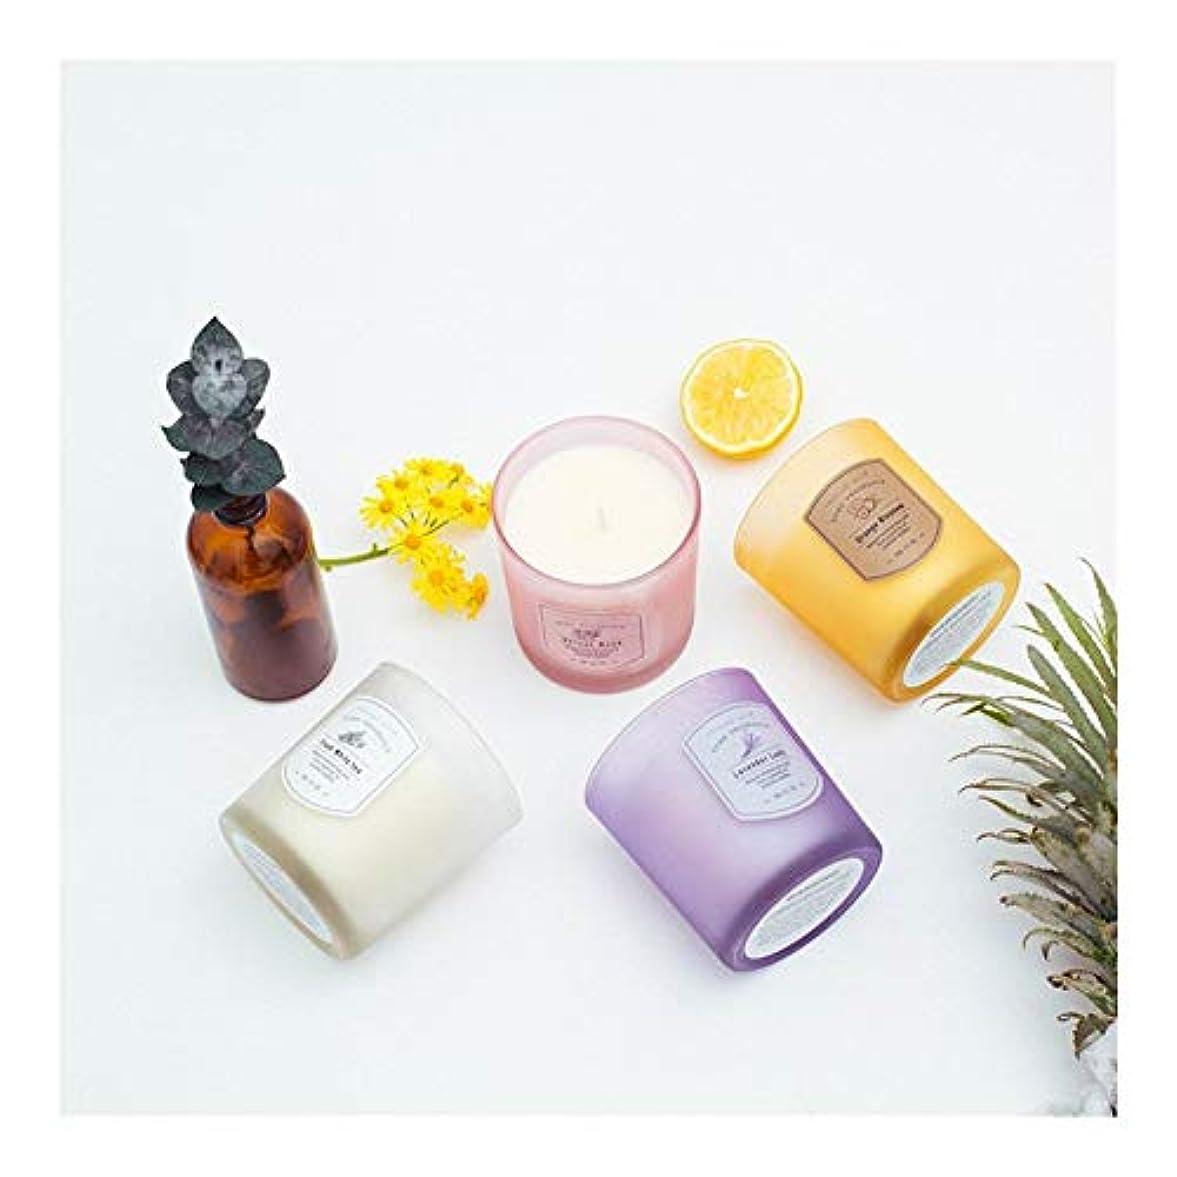 Guomao ガラスキャンドルキャンドルセット無煙フレグランスジュエリーホームアクセサリー (色 : Purple lavender)